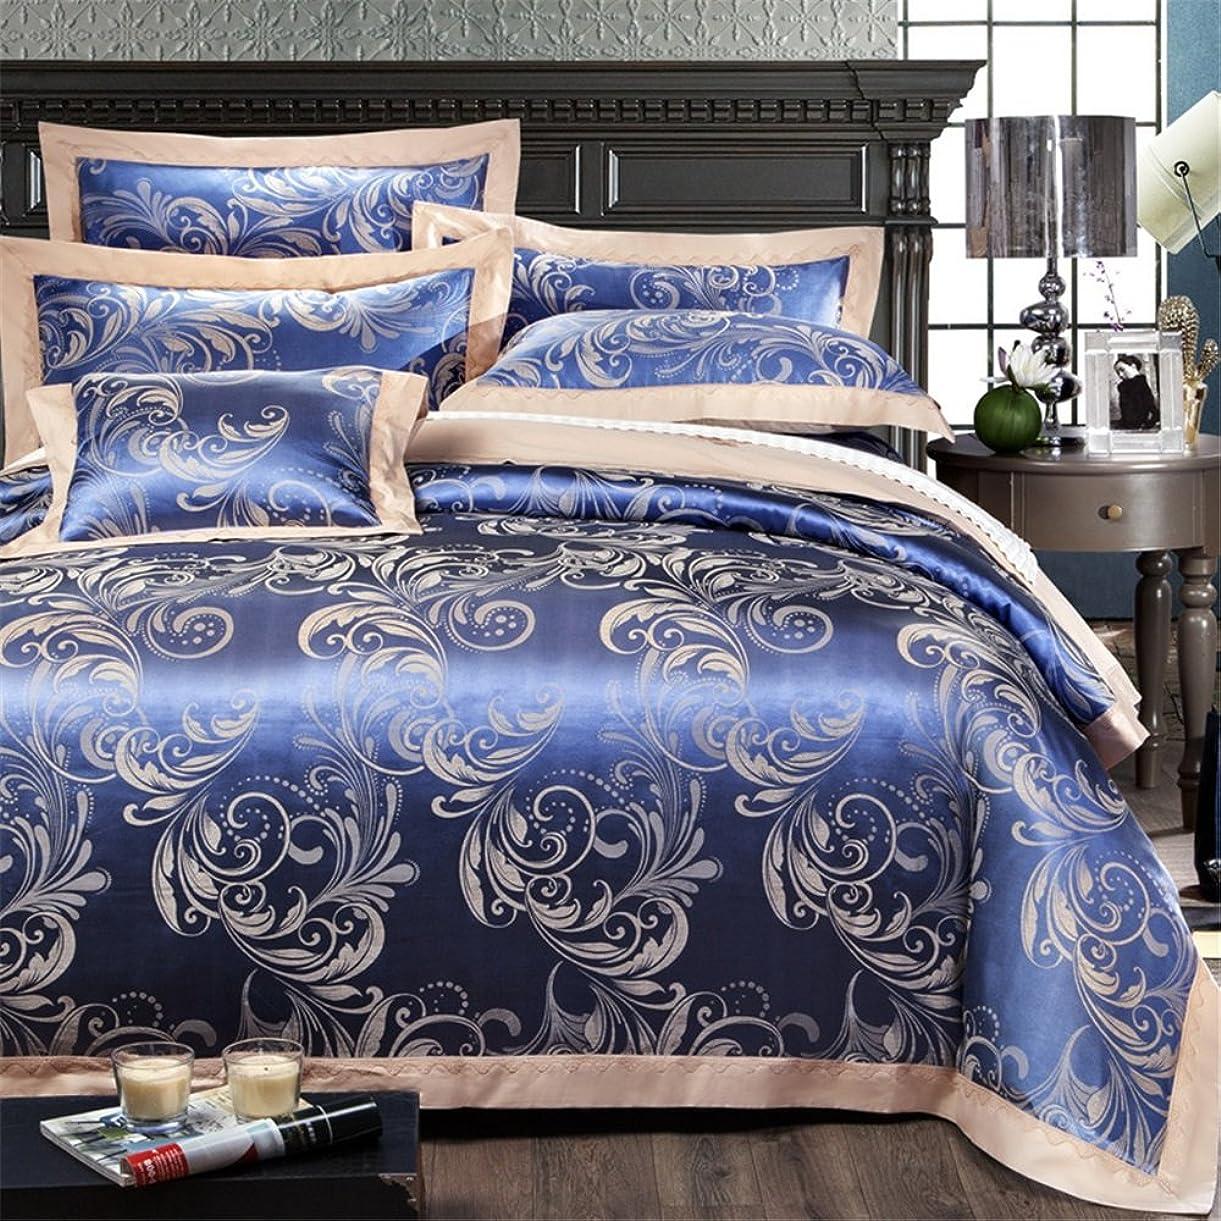 区画ヘア数学的なSateen Duvetカバークイーンとキングサイズヨーロッパのパターンソフトシルキーテキスタイル寛大な寝具セット。 (Color : Navy blue, Size : King)